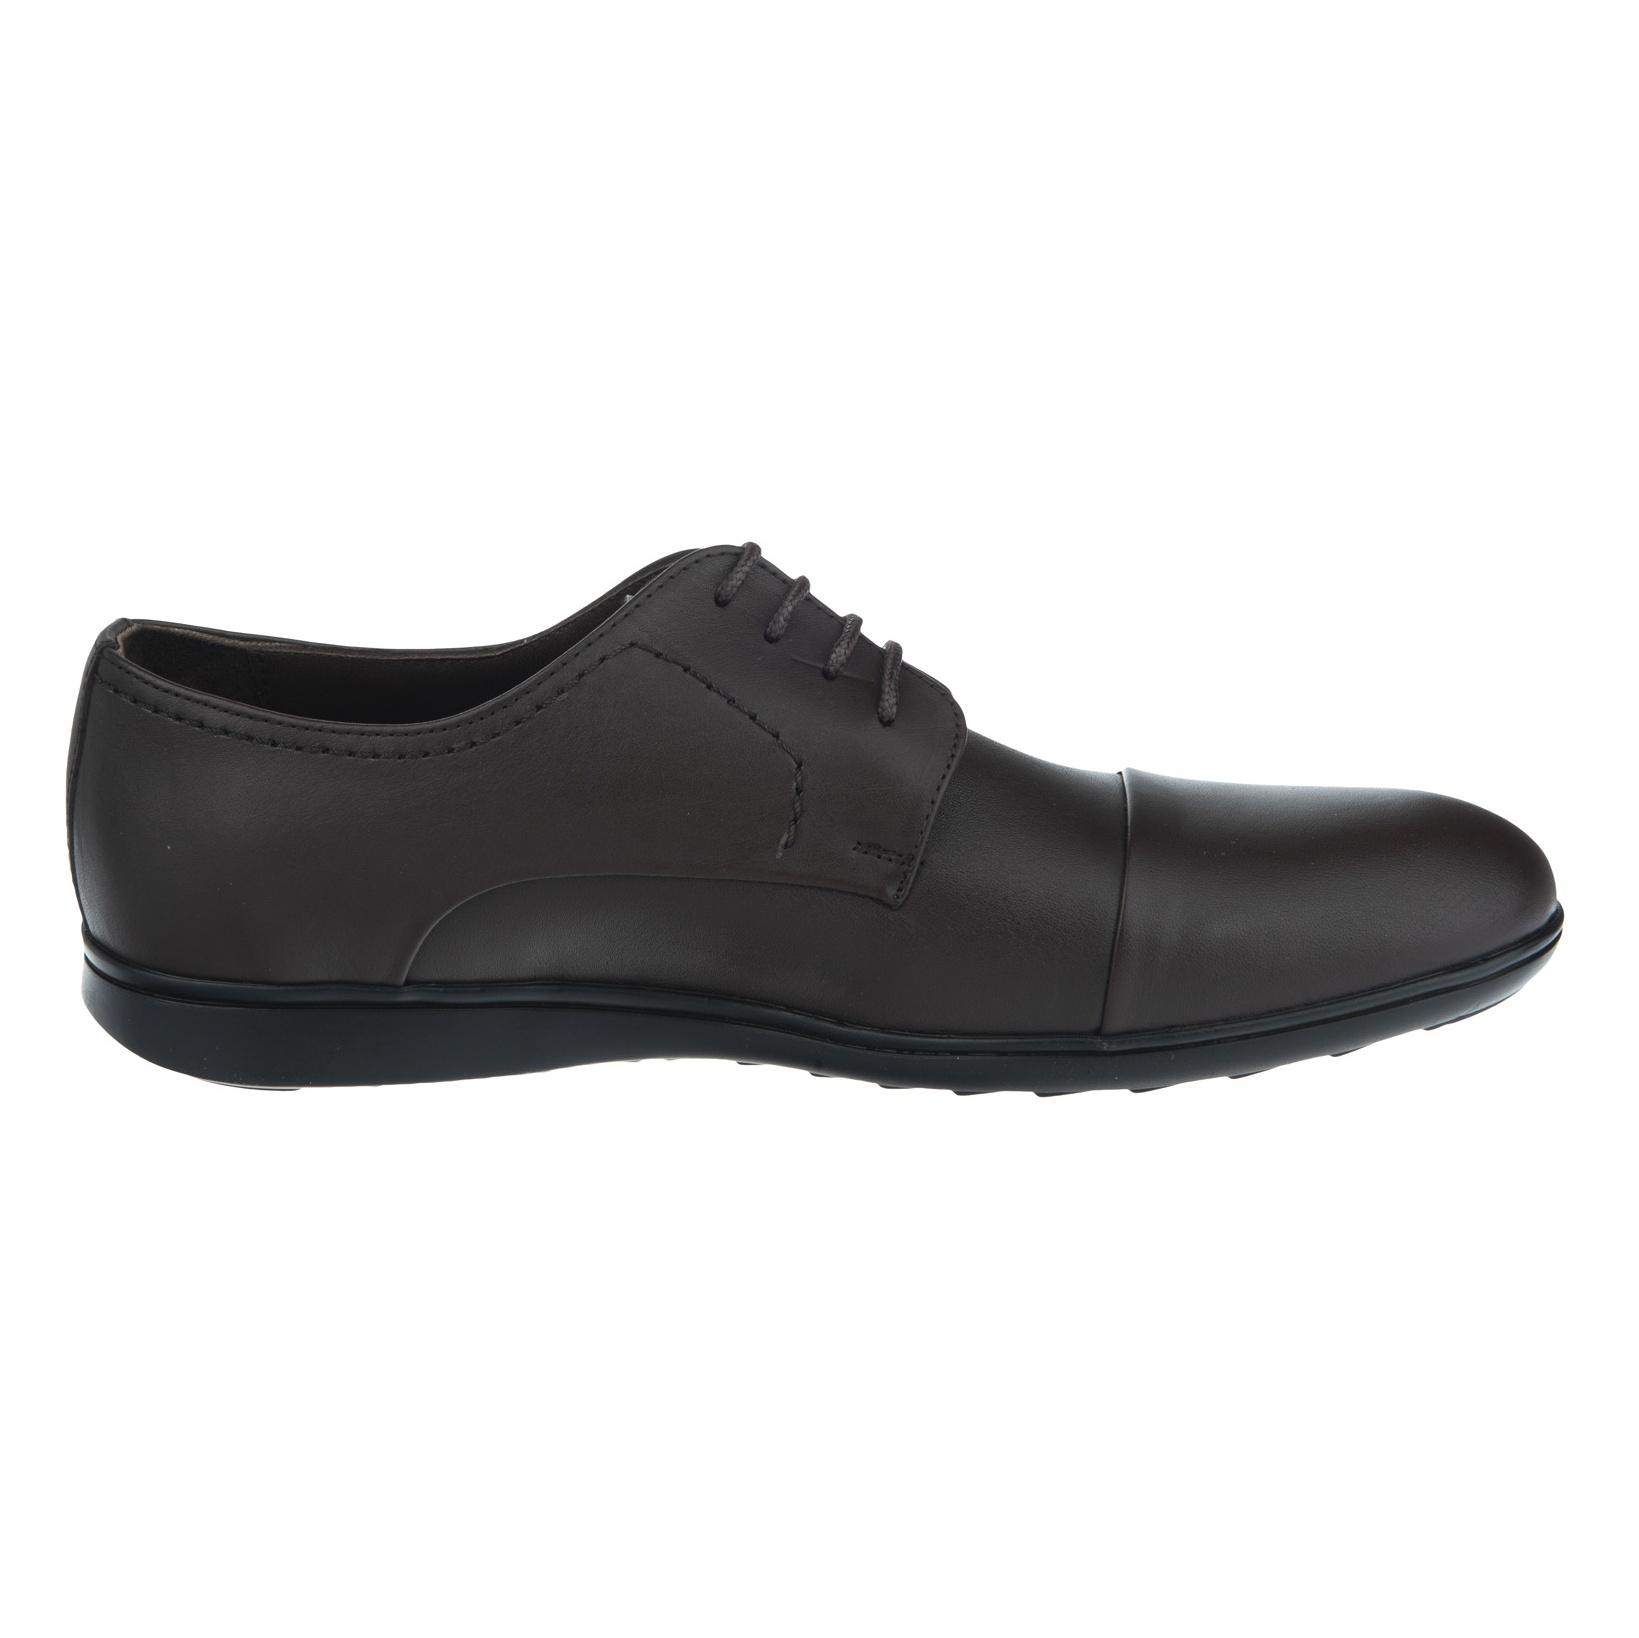 قیمت خرید کفش مردانه گاندو مدل 713-36 اورجینال